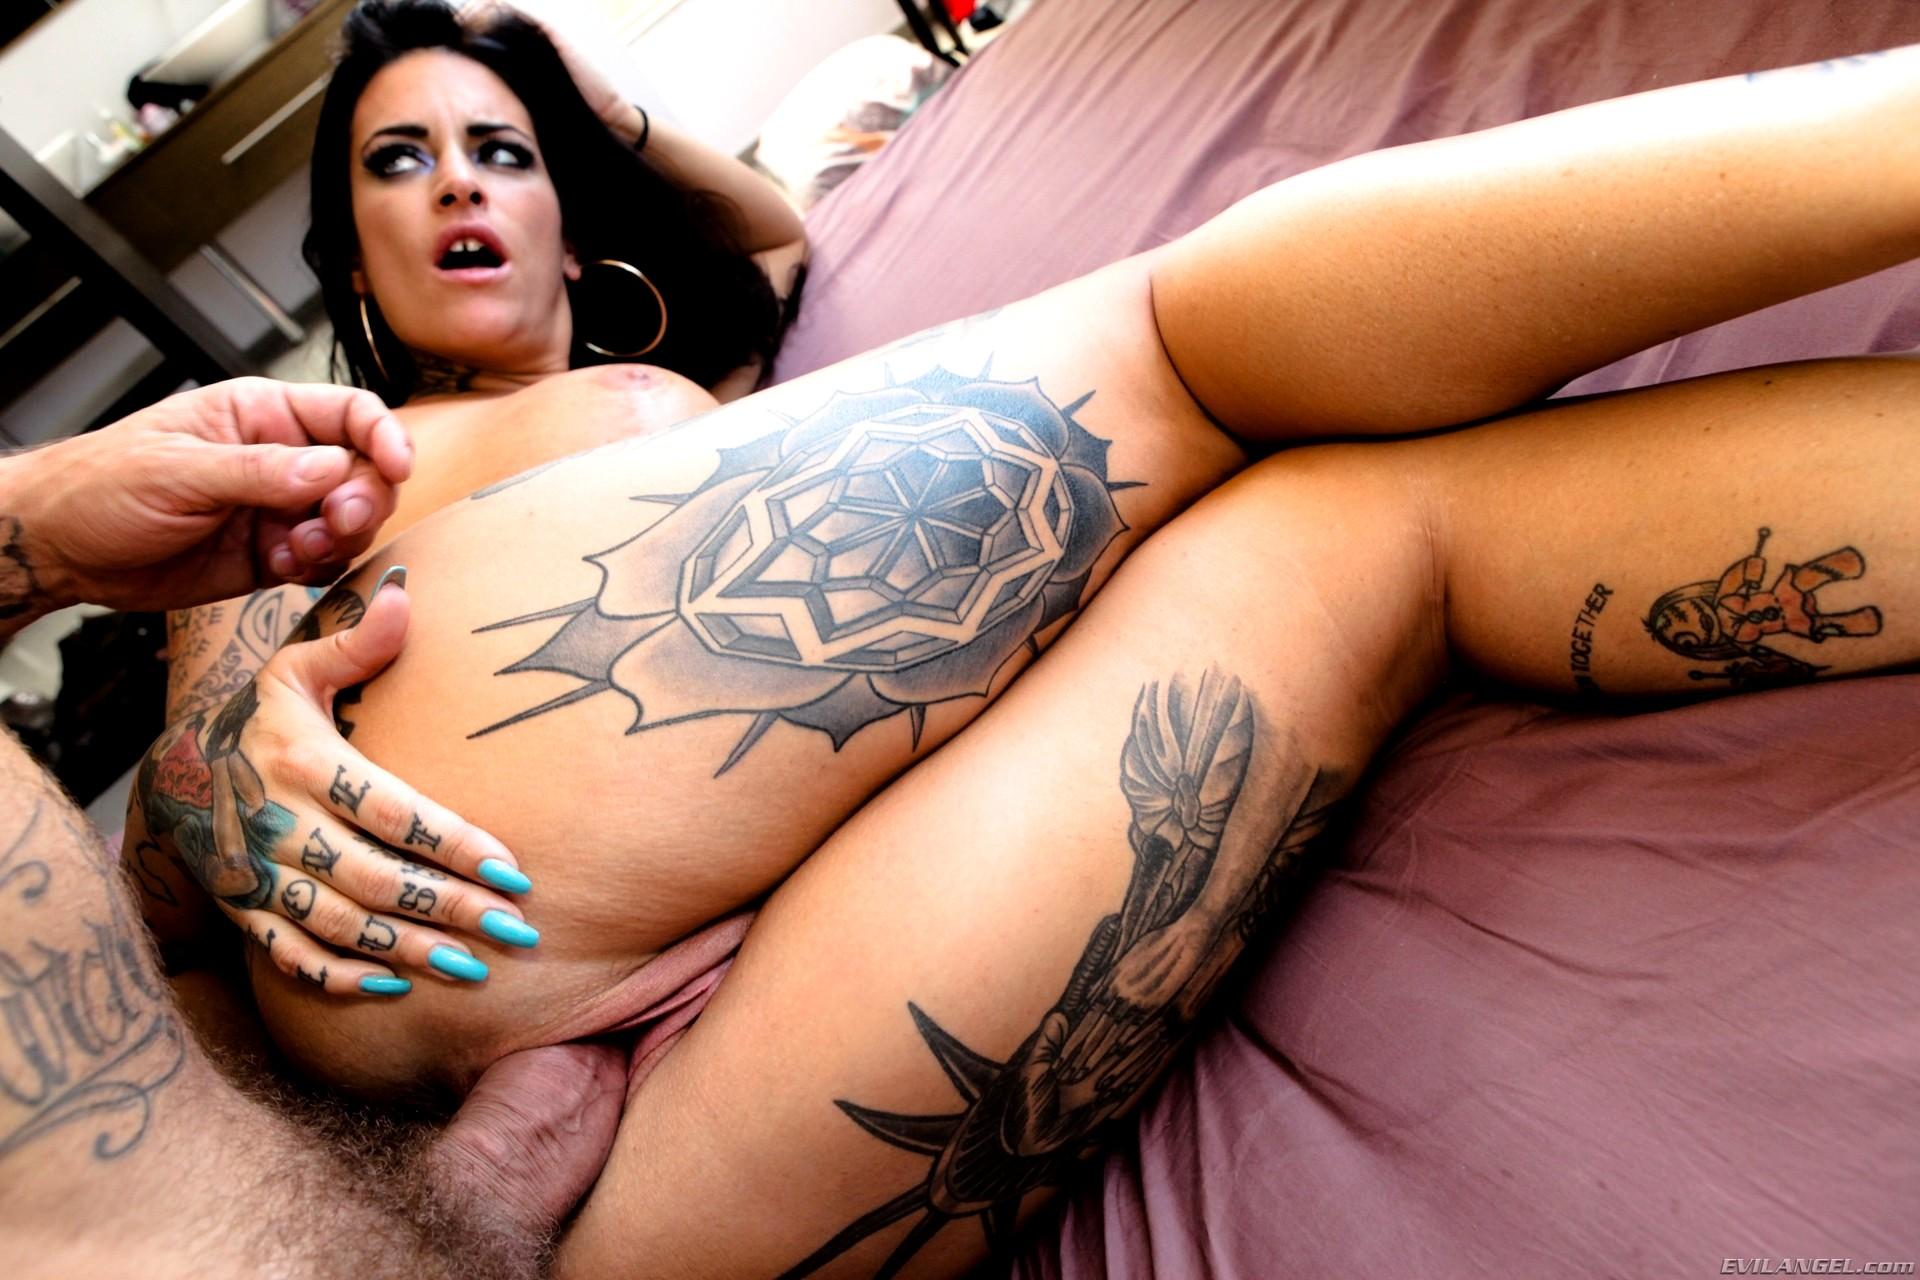 raquel-bigdad-porn-images-amateur-page-girl